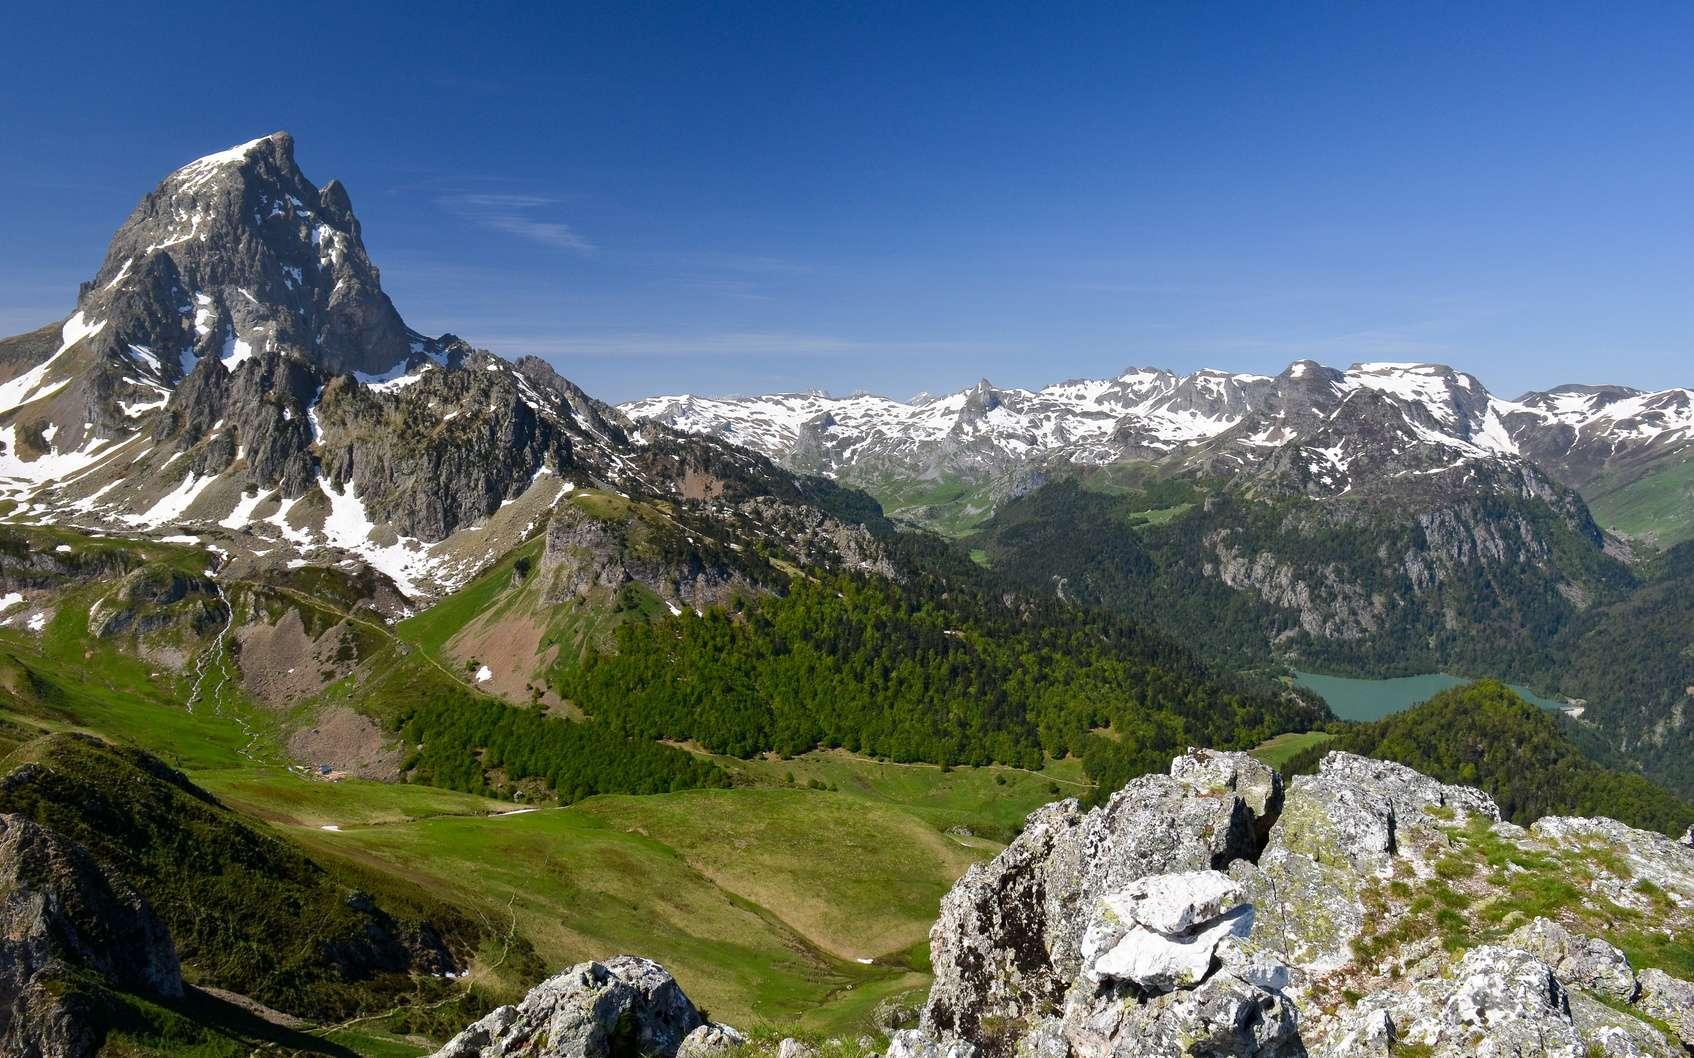 Quelles sont les meilleures randonnées de France ? Ici, le pic du Midi d'Ossau, dans les Pyrénées. © Yvann K, Fotolia